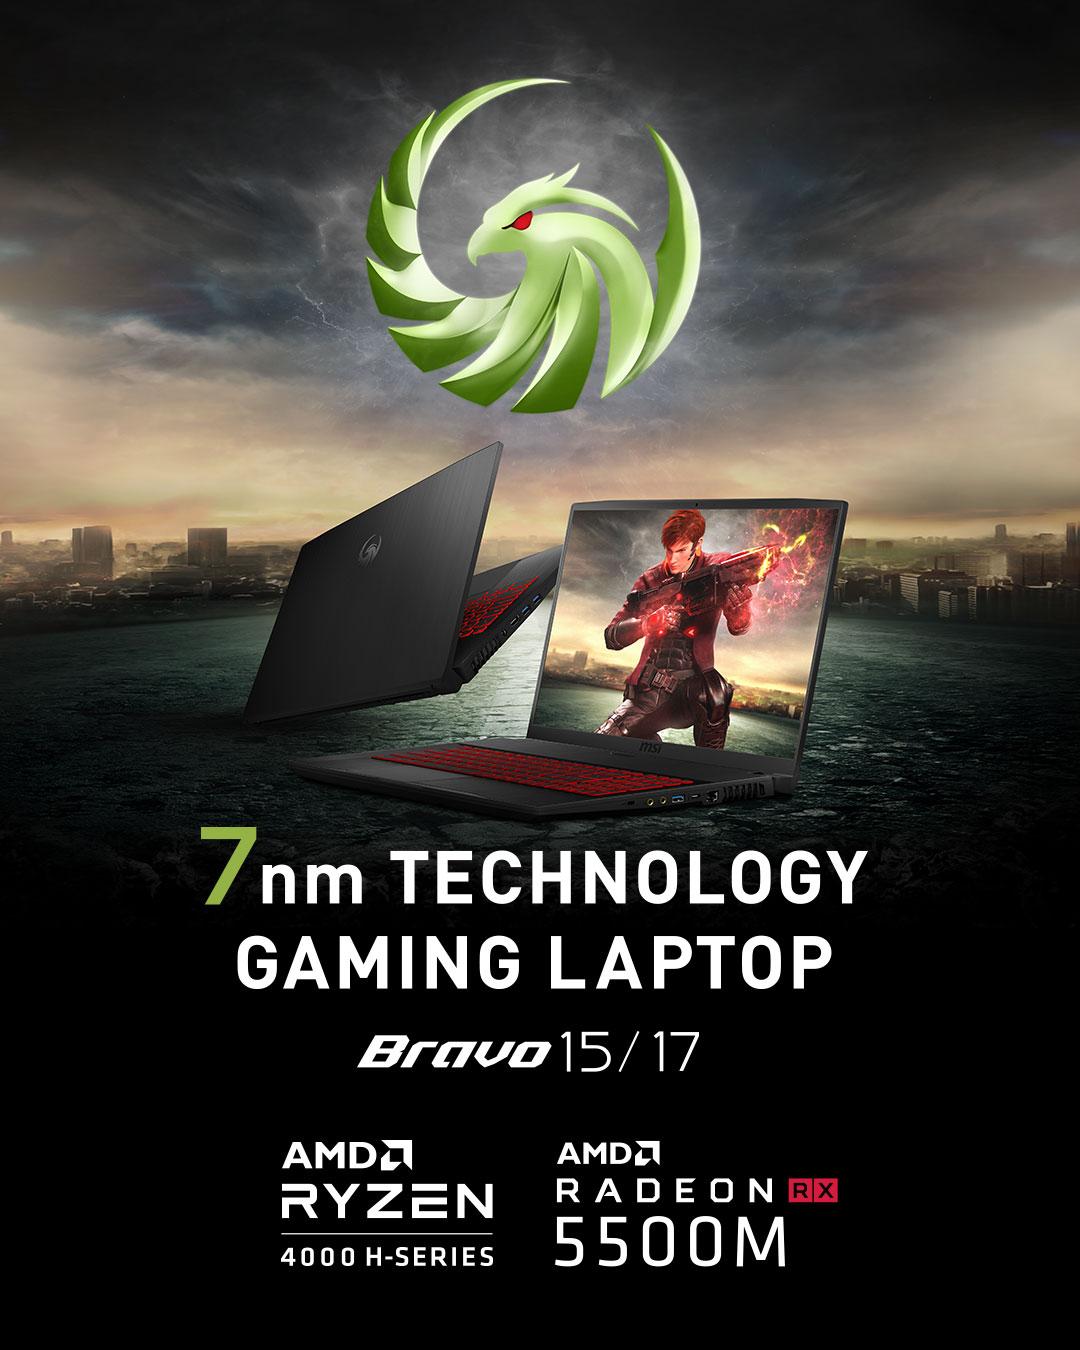 Bravo 17 - 7nm Technology Gaming Laptop